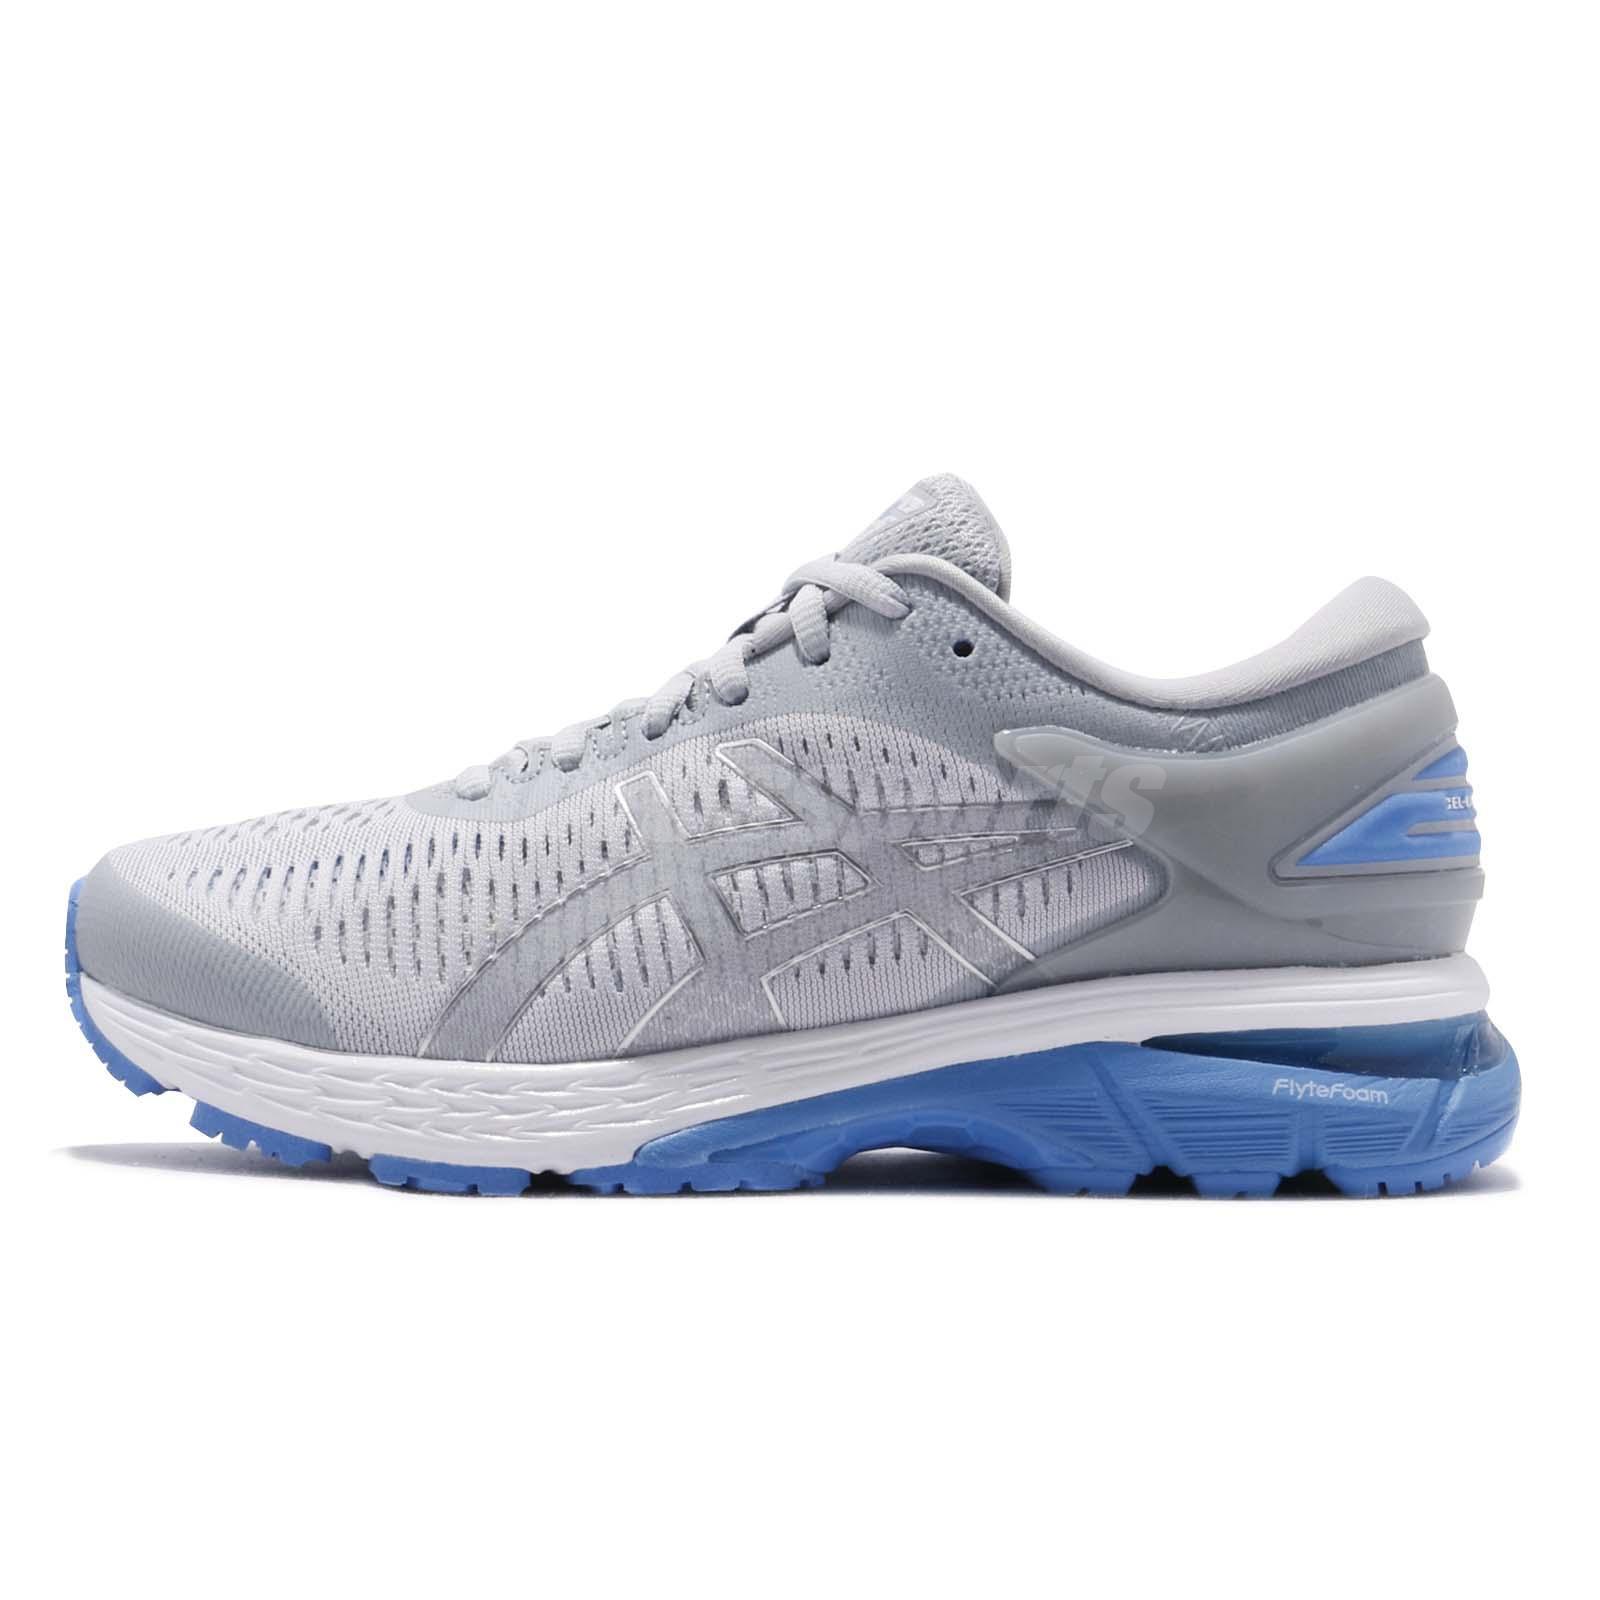 7d76cbfb8ac7 Asics Gel Kayano 25 D Wide Grey Blue Coast Women Running Shoes 1012A032-022